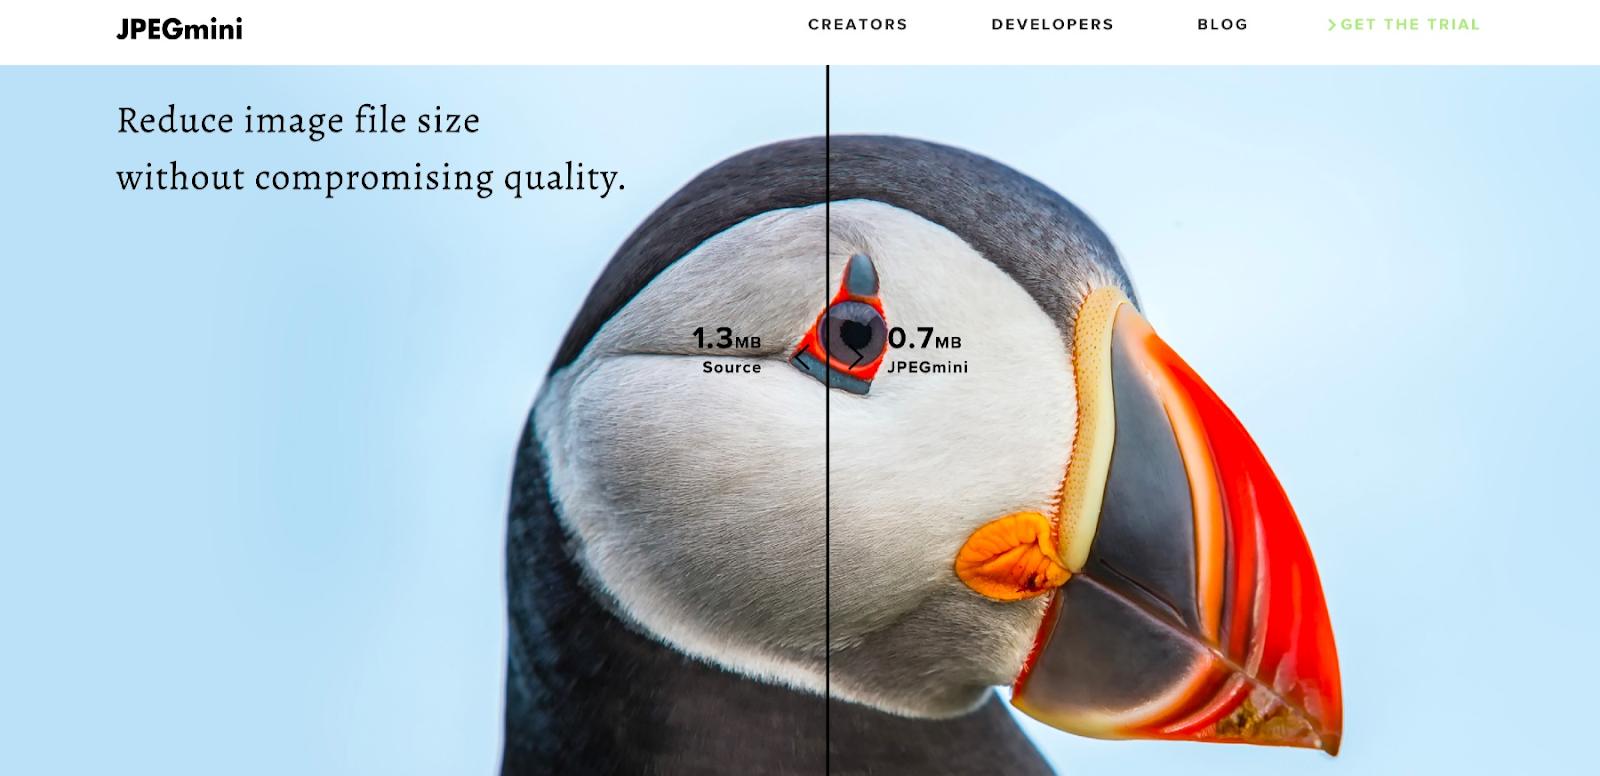 Phần trăm chất lượng có hình ảnh liên quan đến trải nghiệm người dùng